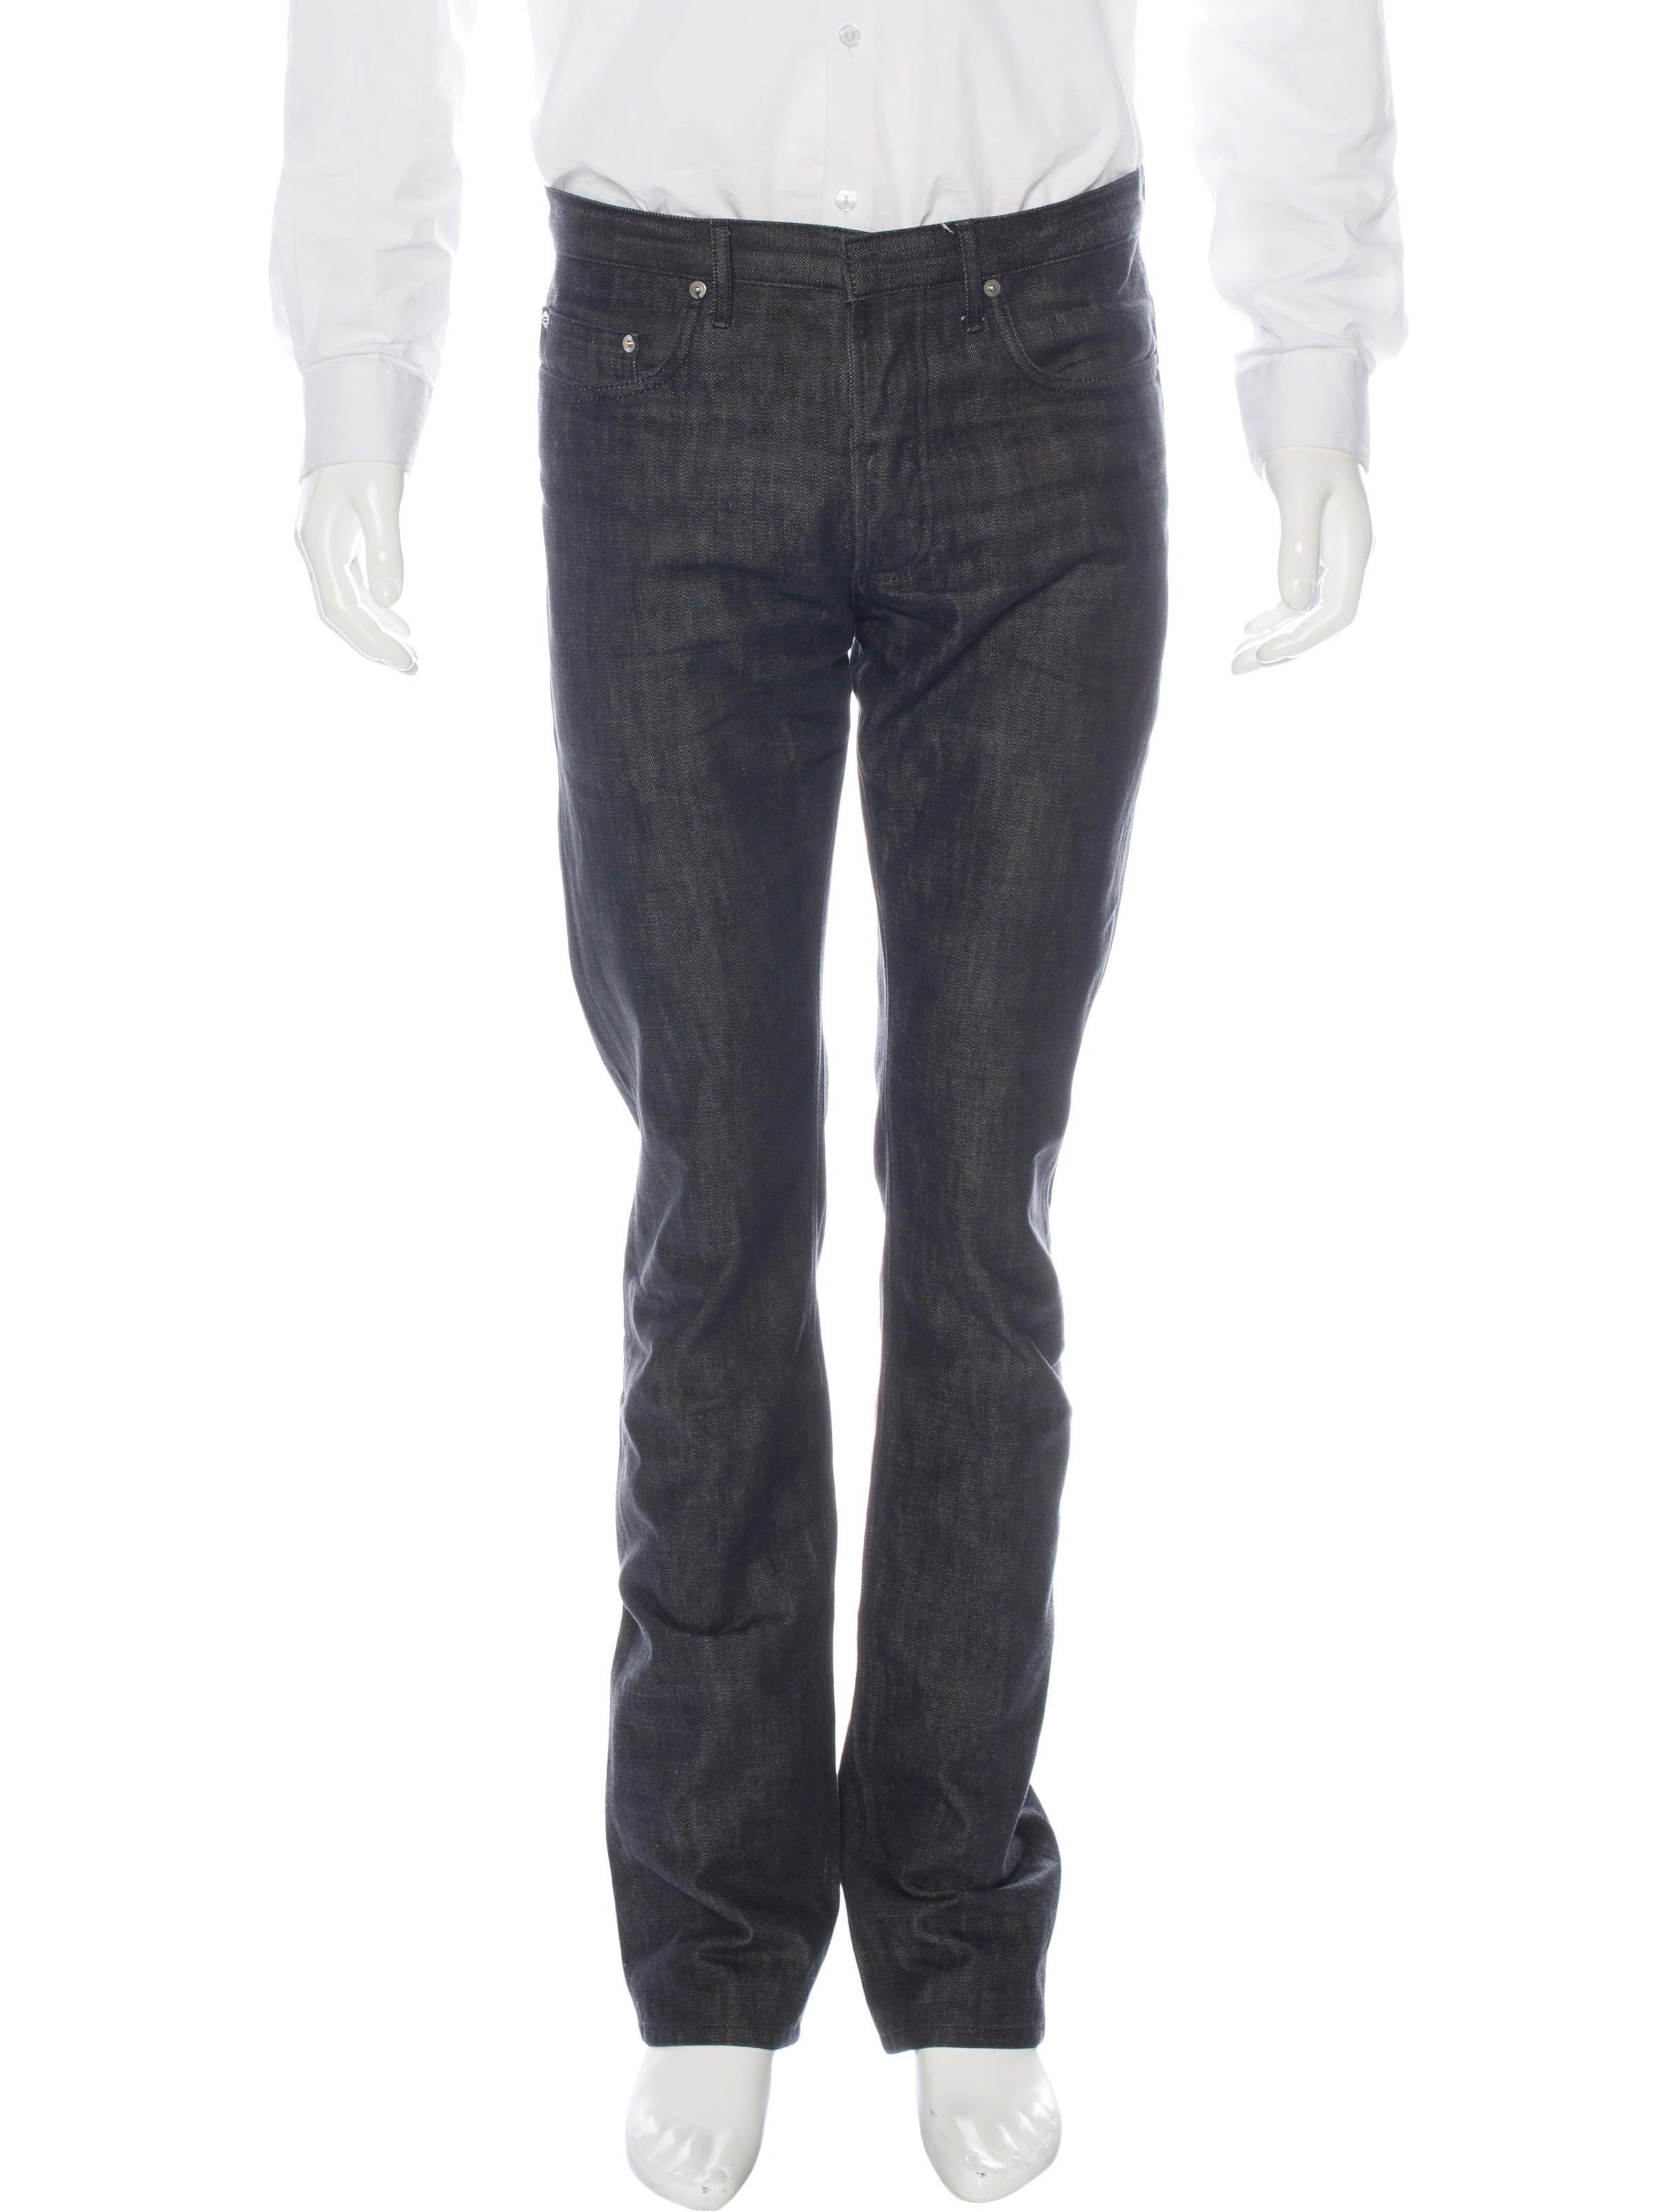 dior homme five pocket slim jeans clothing hmm23268 the realreal. Black Bedroom Furniture Sets. Home Design Ideas